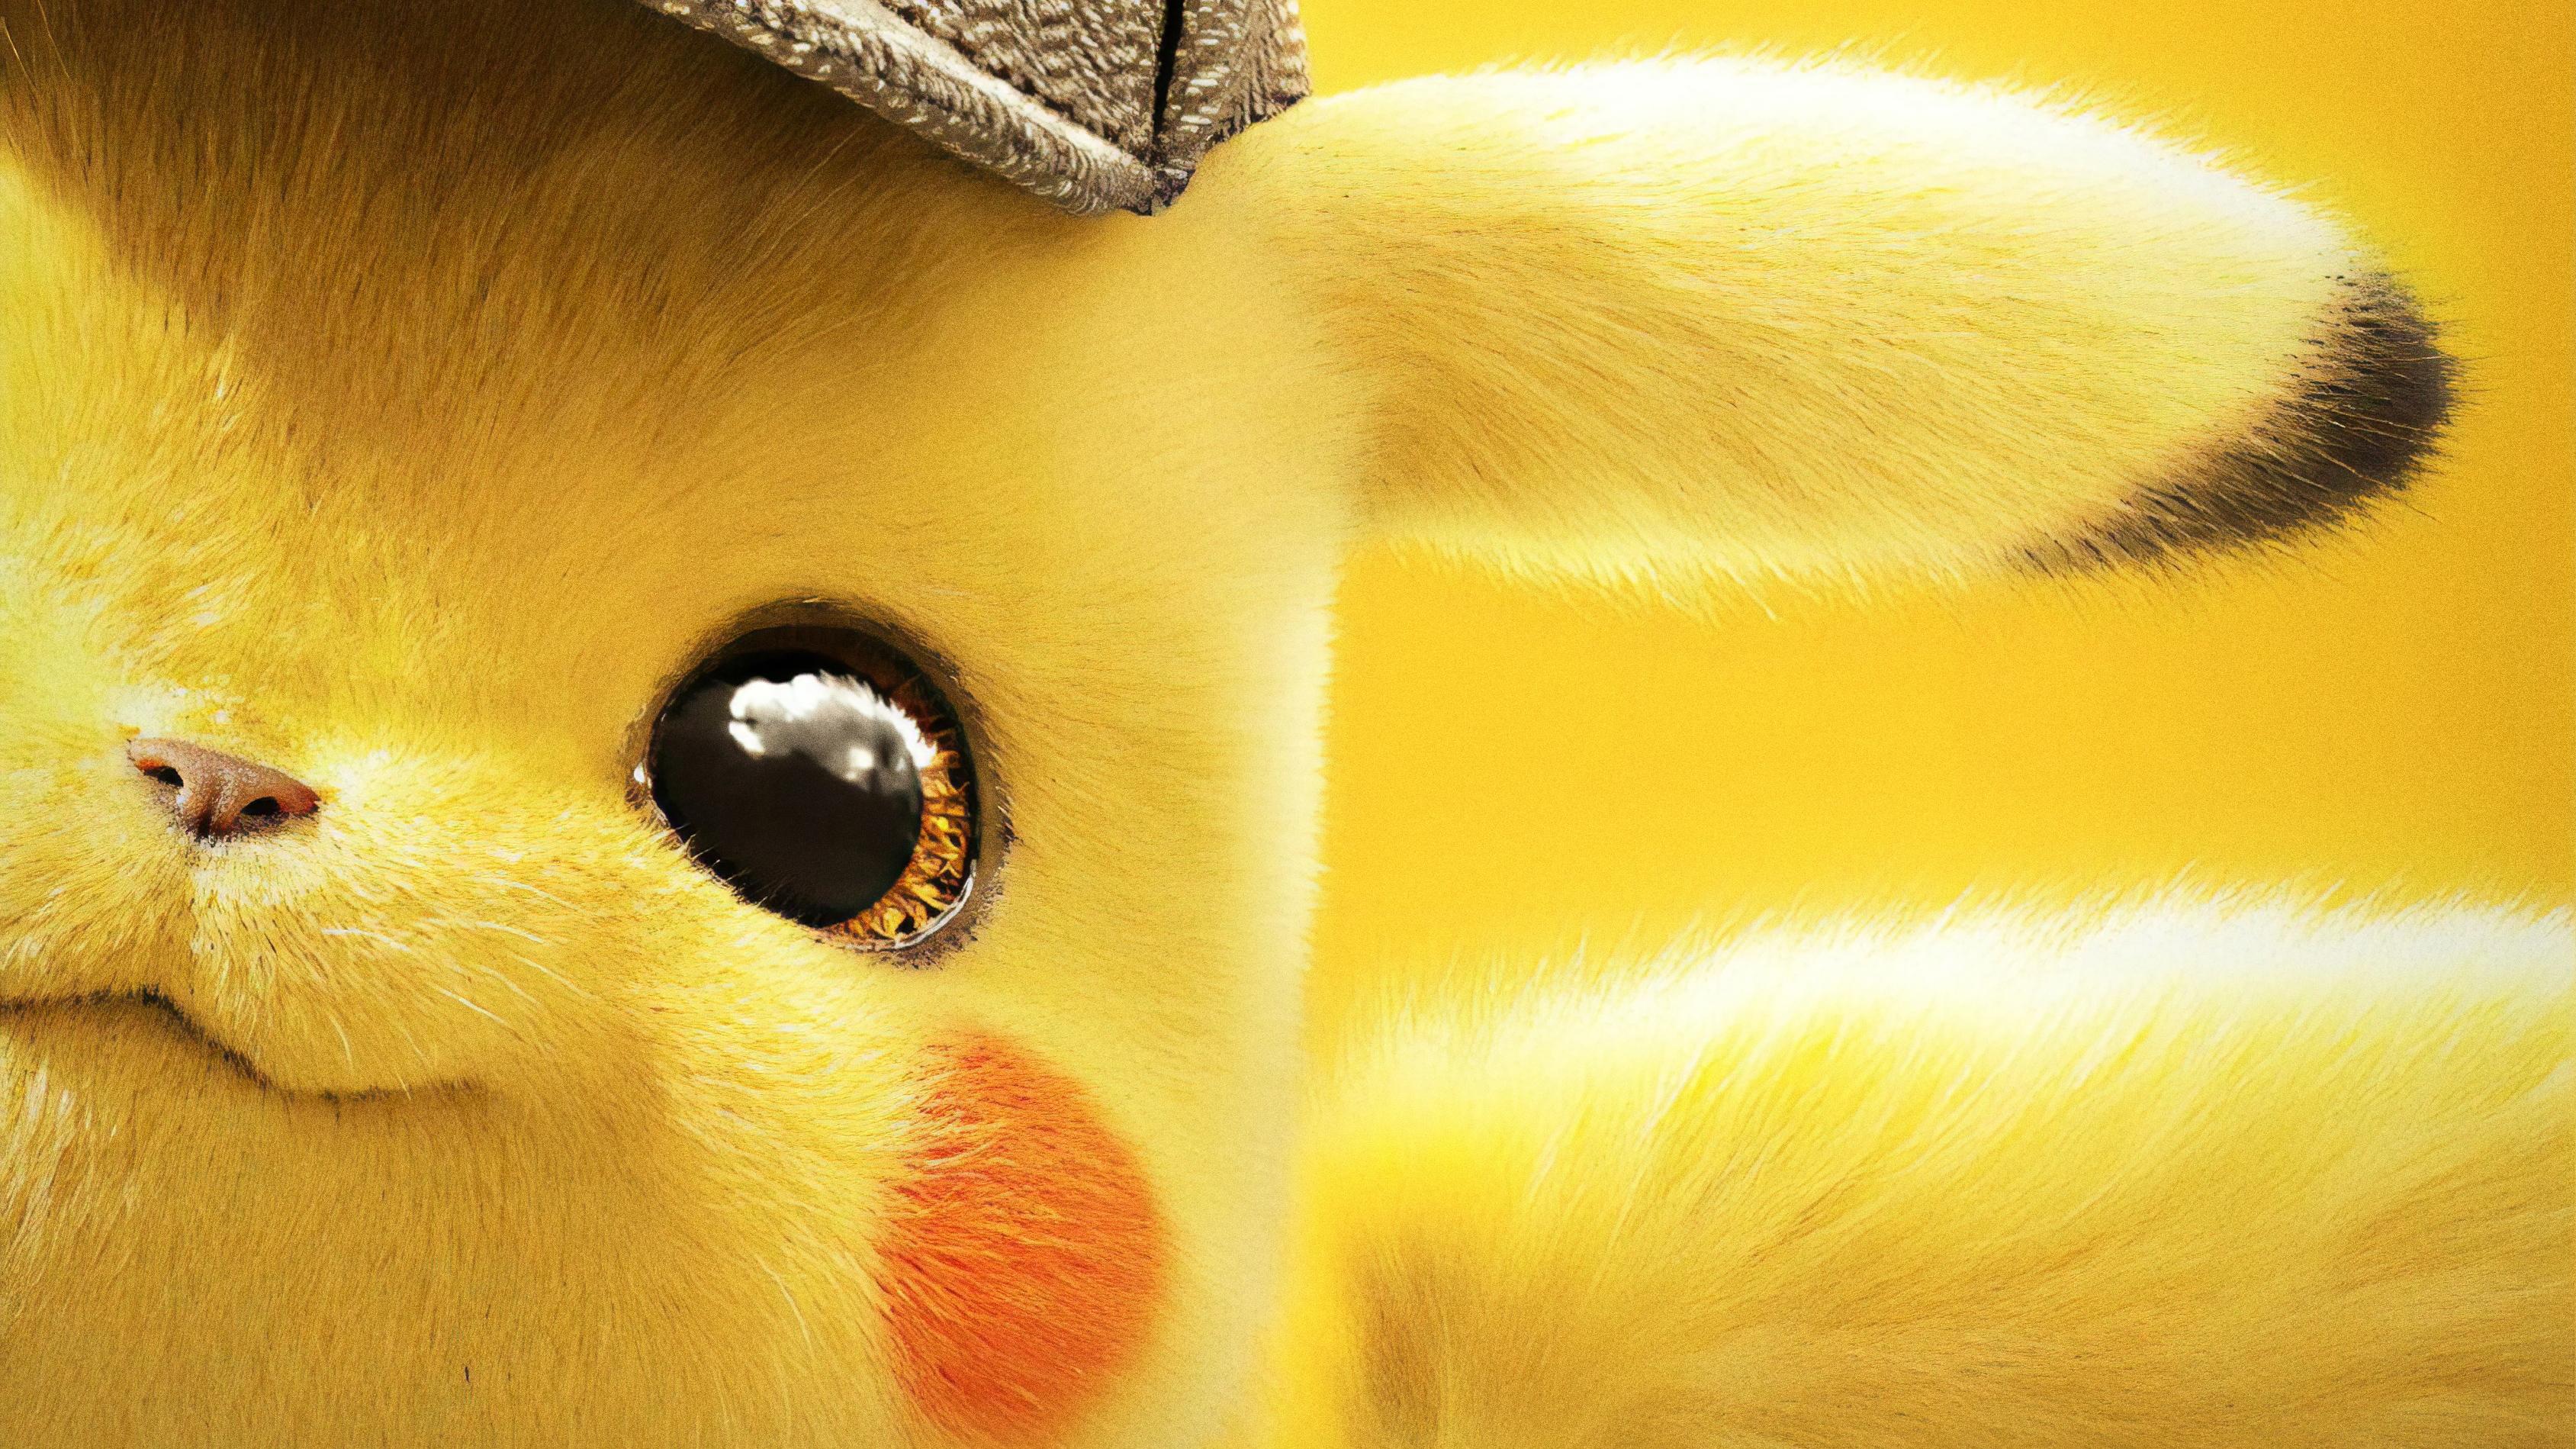 2019 Pokemon Detective Pikachu 4k Hd Movies 4k Wallpapers